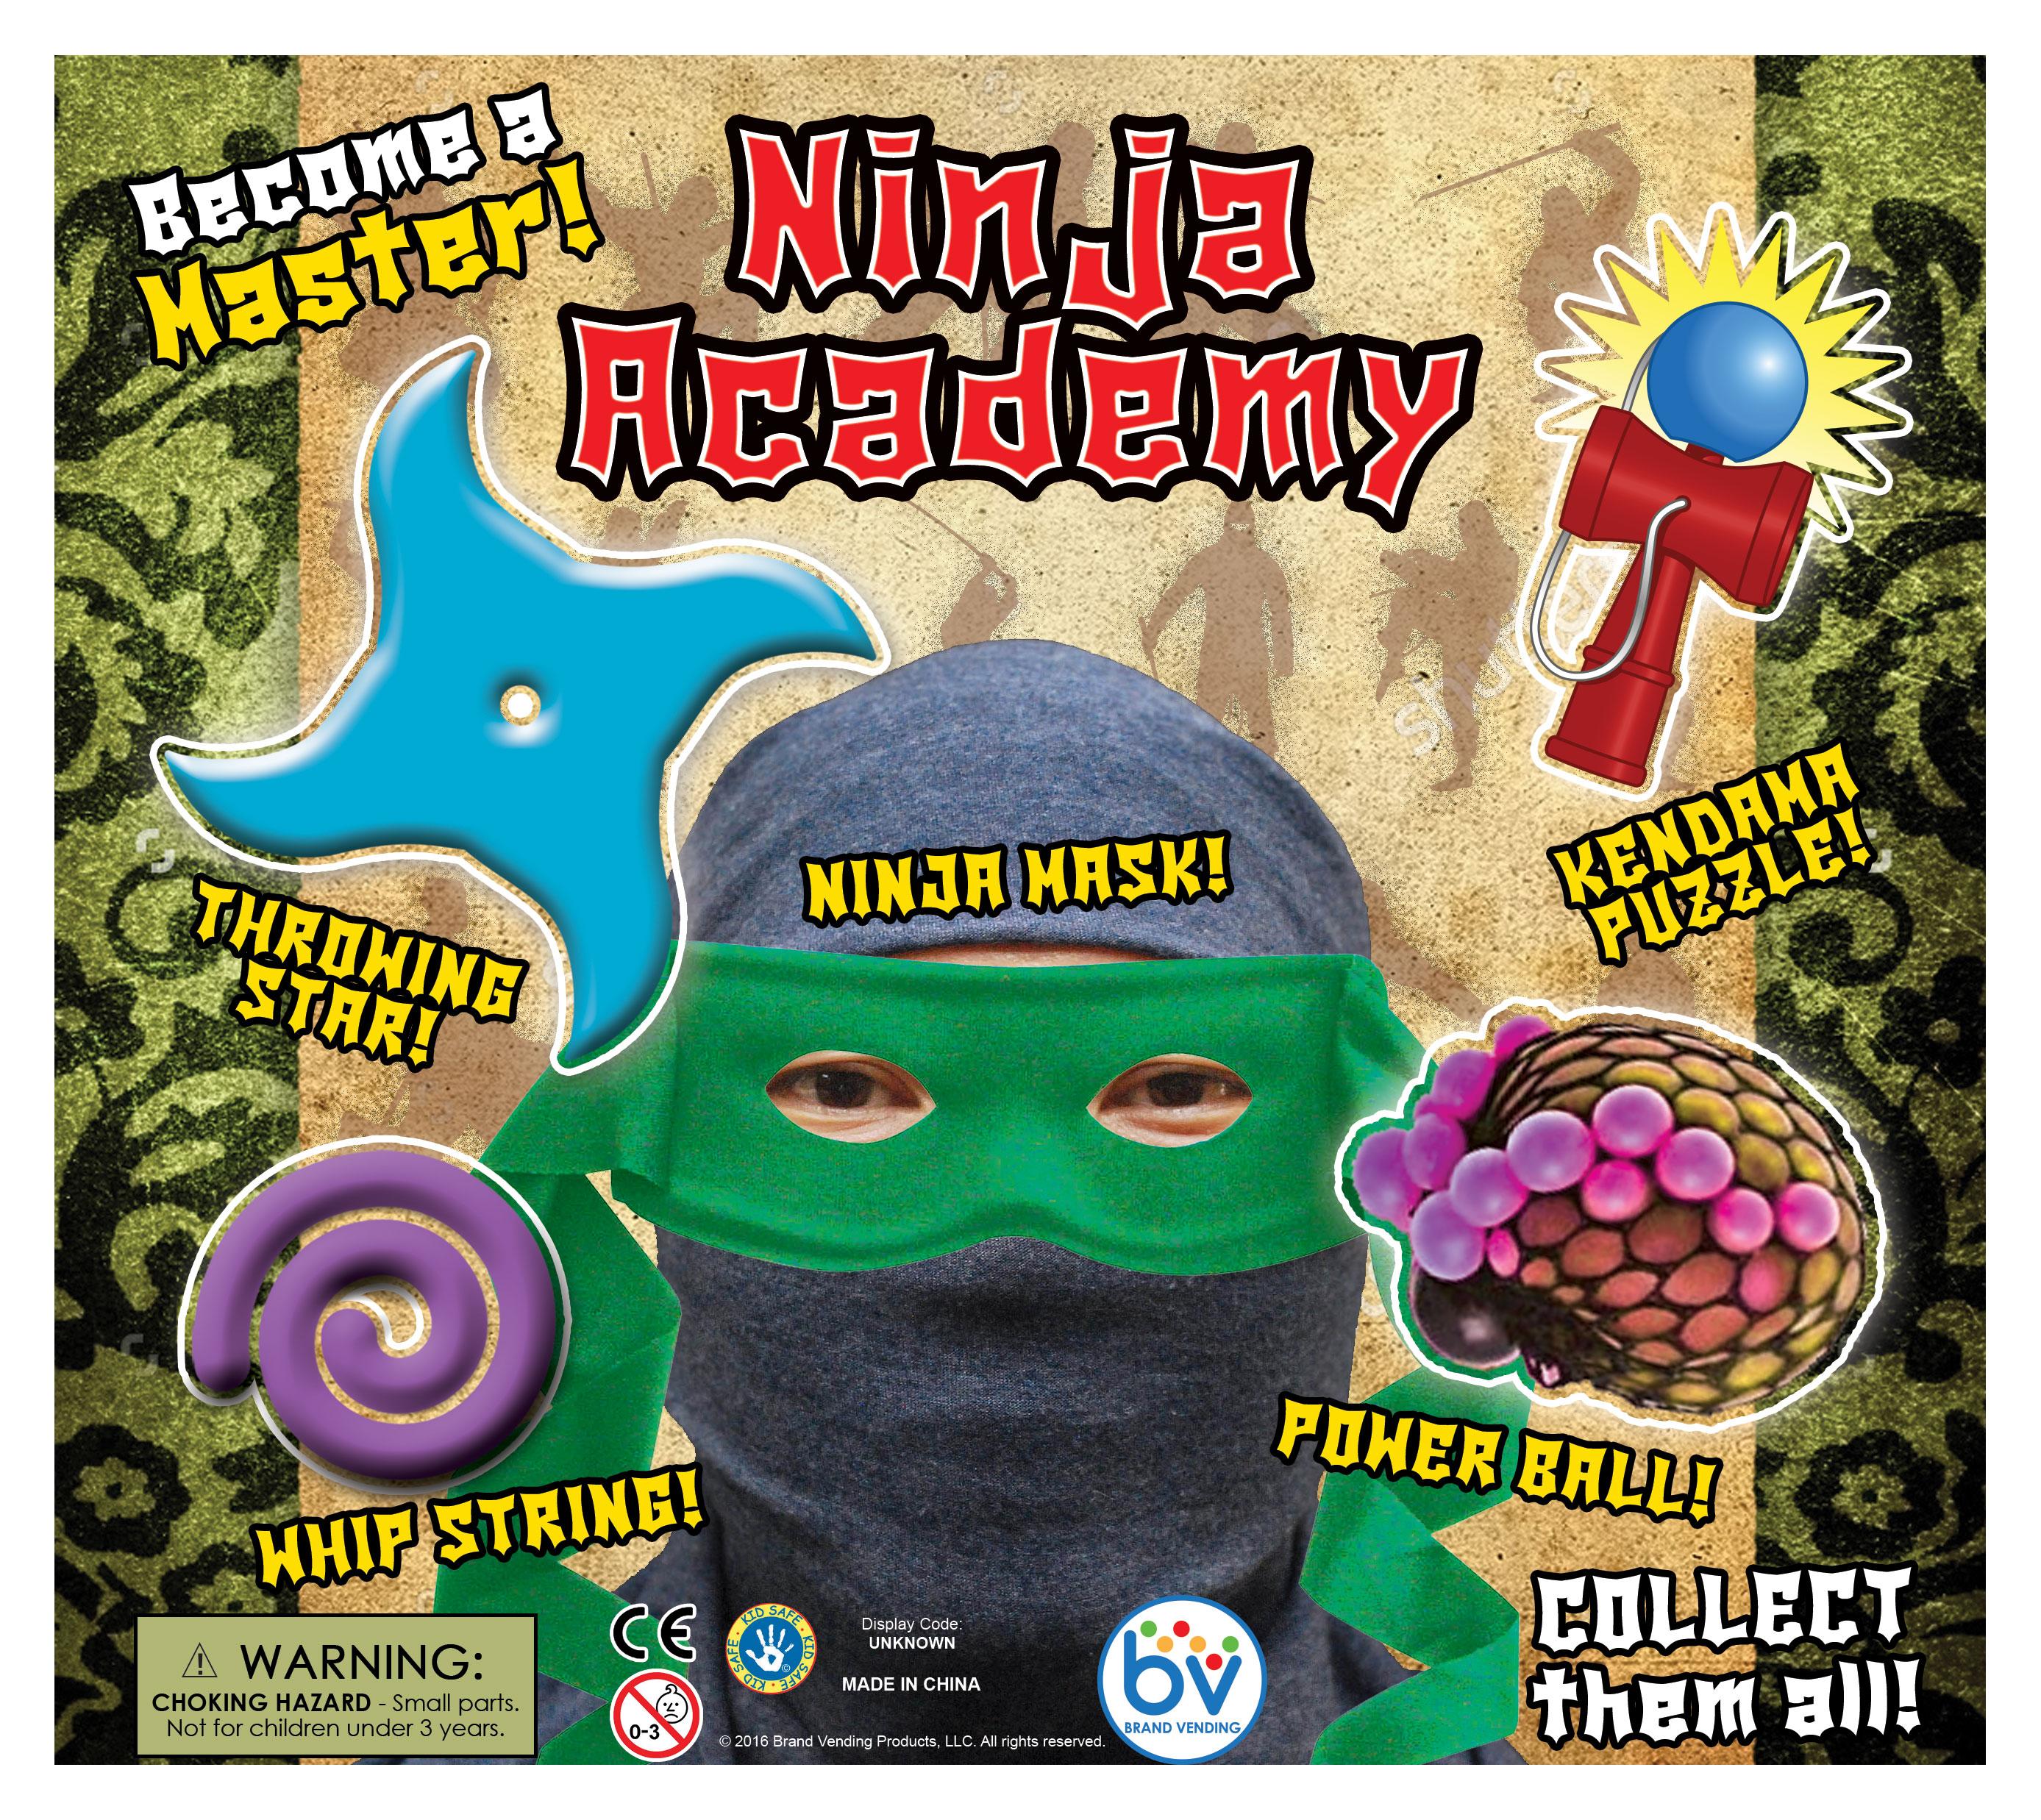 ninjaacademydisplay2